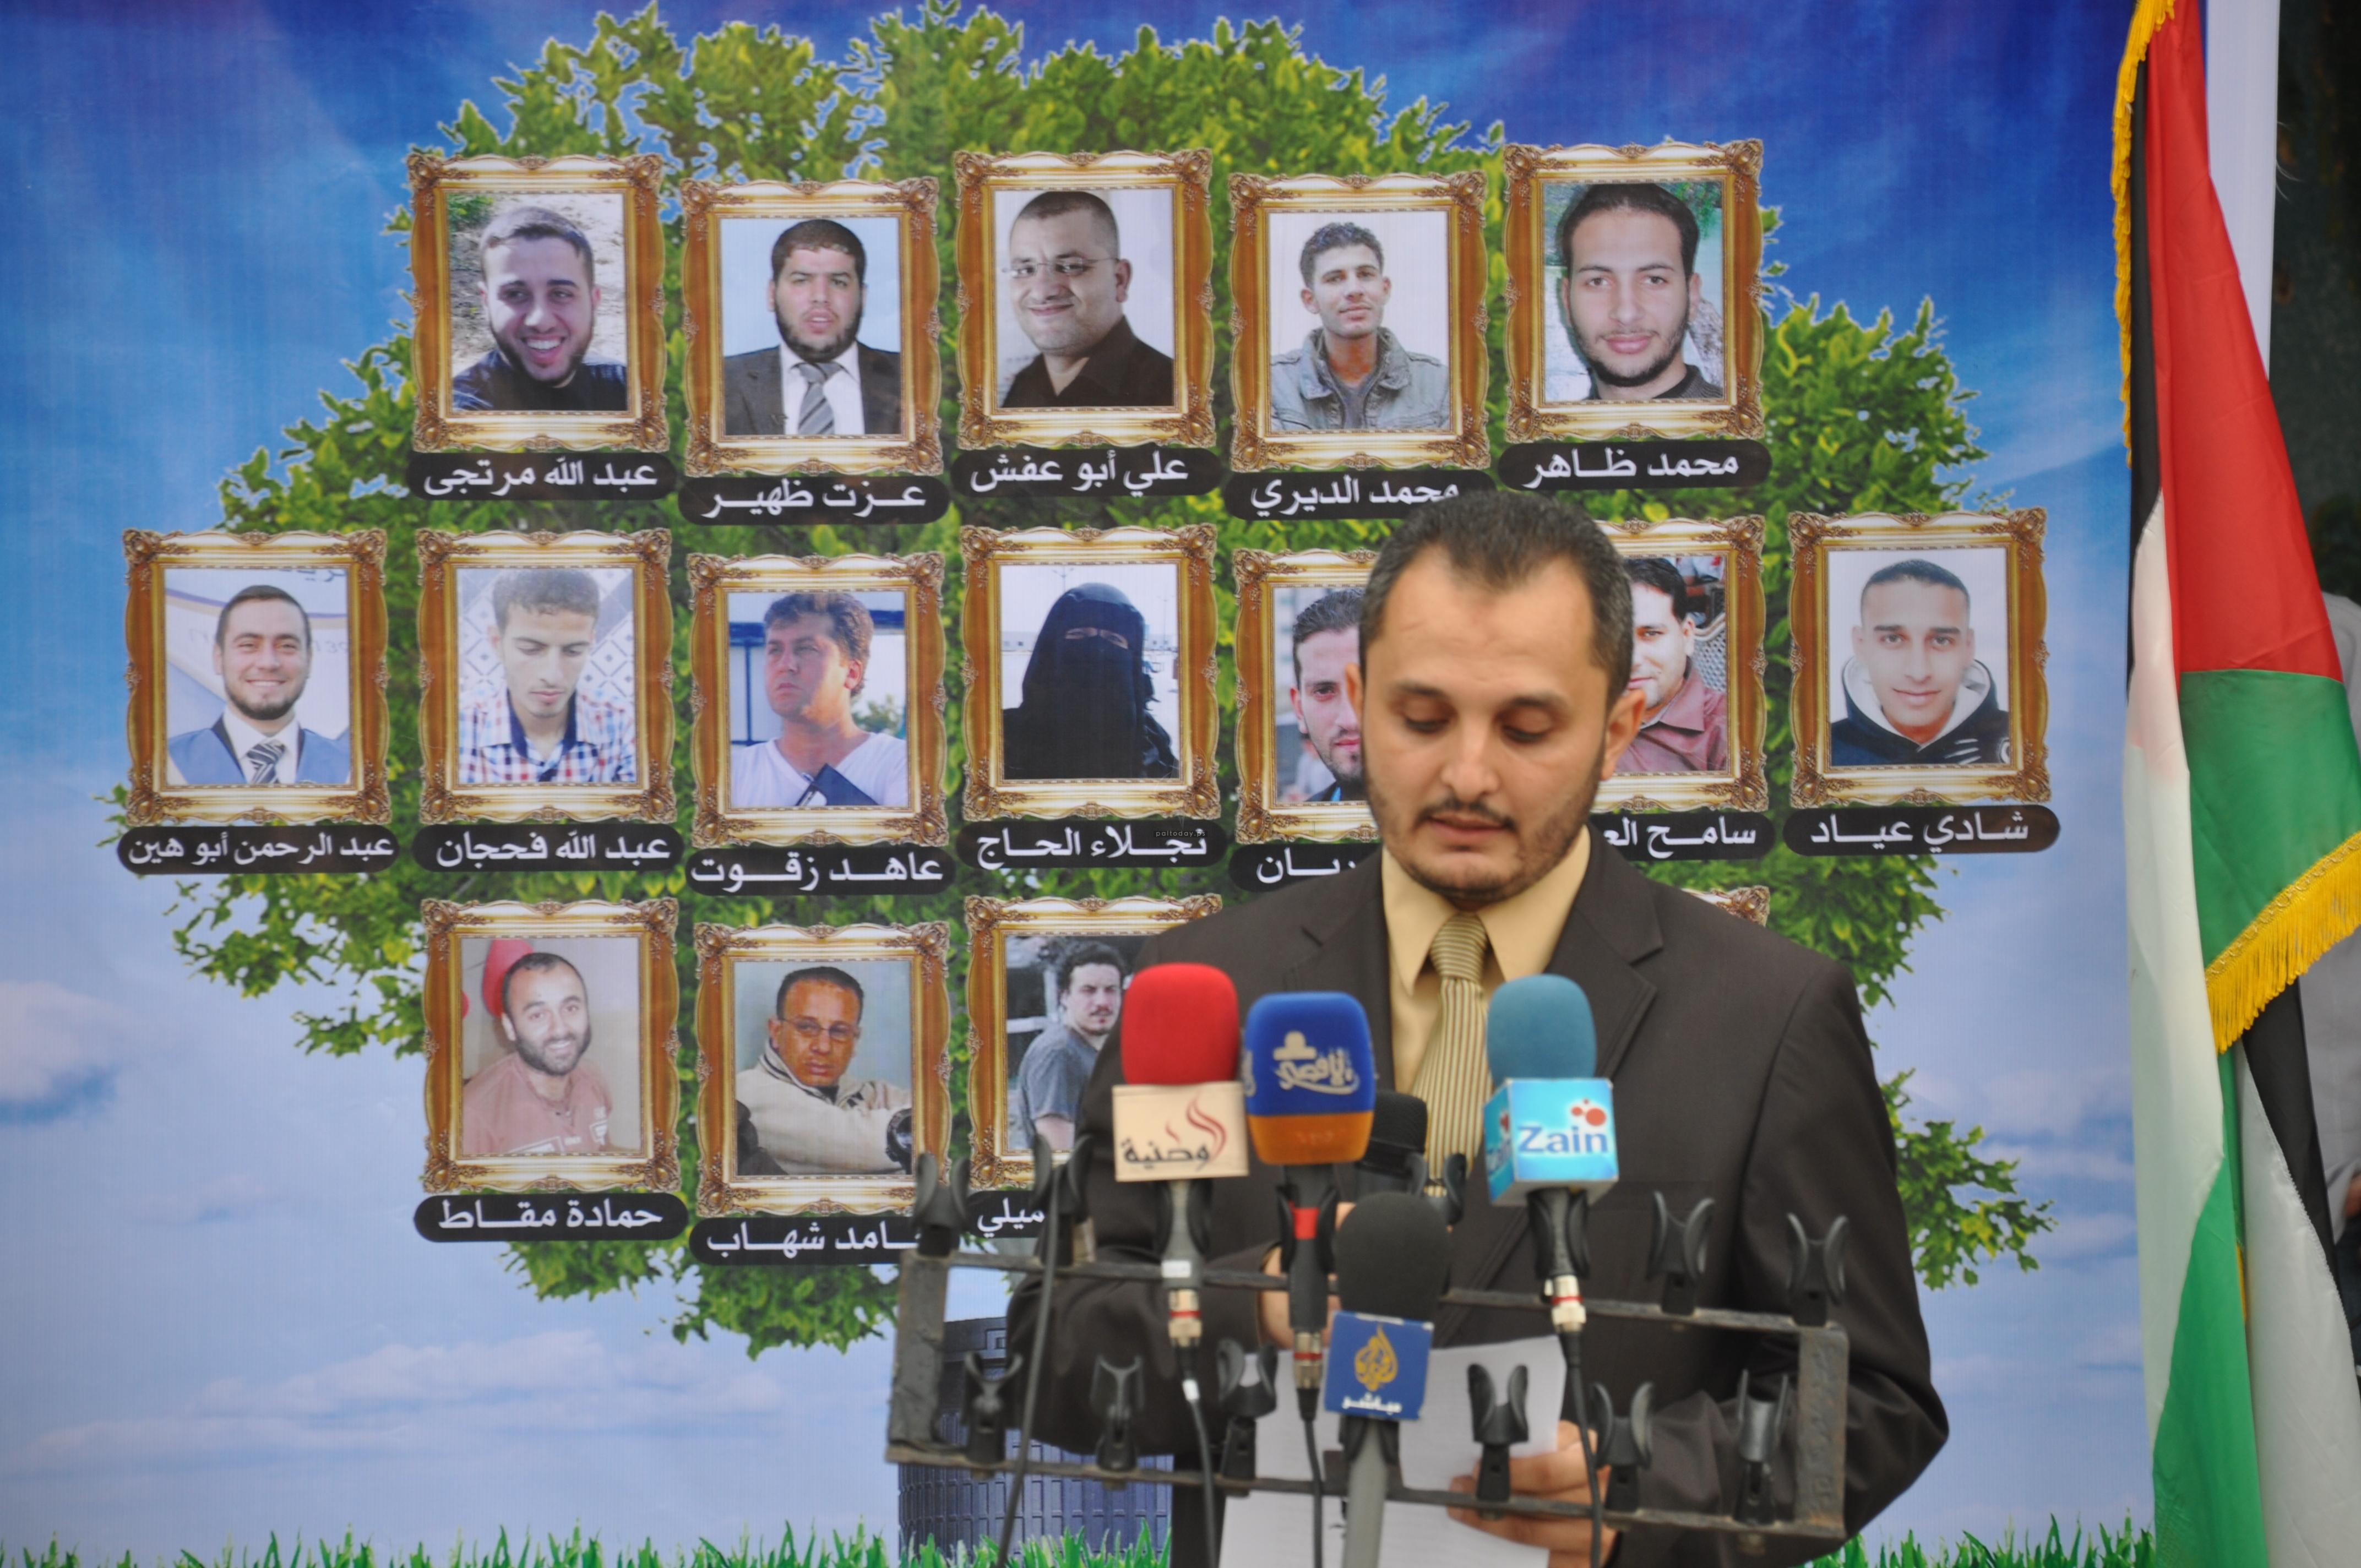 تكريم الشهداء الصحفيين